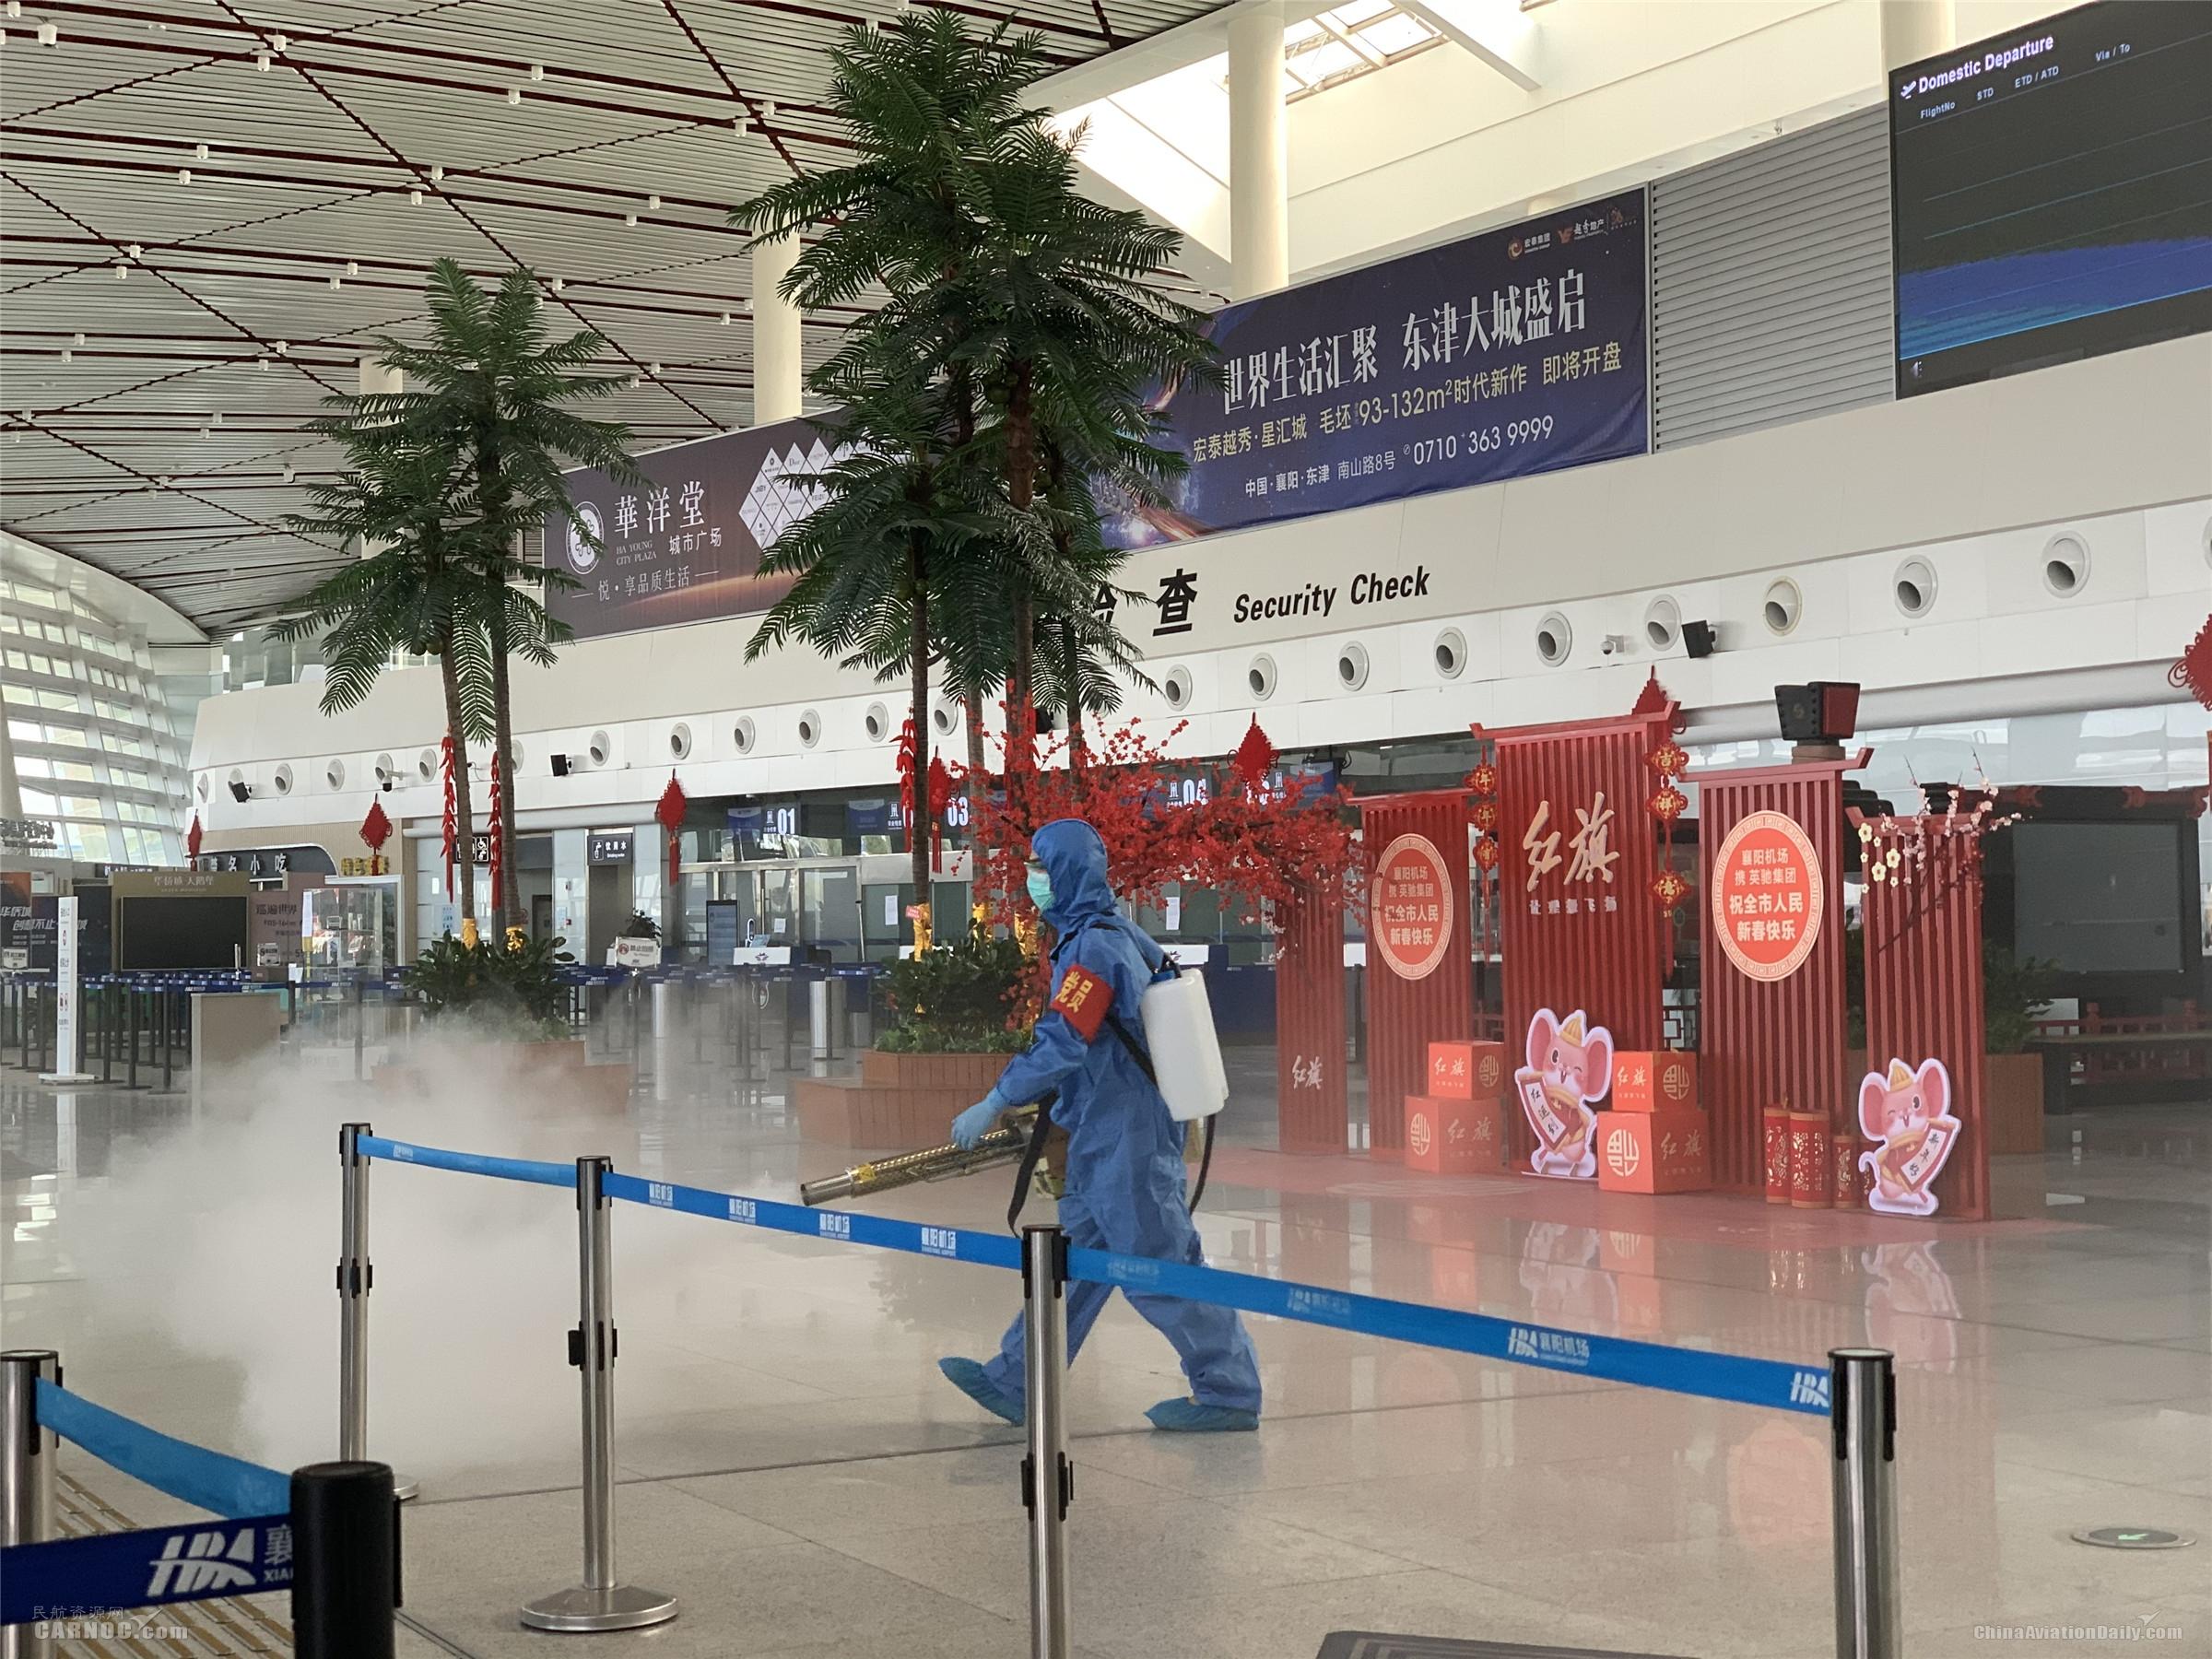 襄阳市疾控中心等专业卫生消杀人员对T2航站楼进行专业消杀